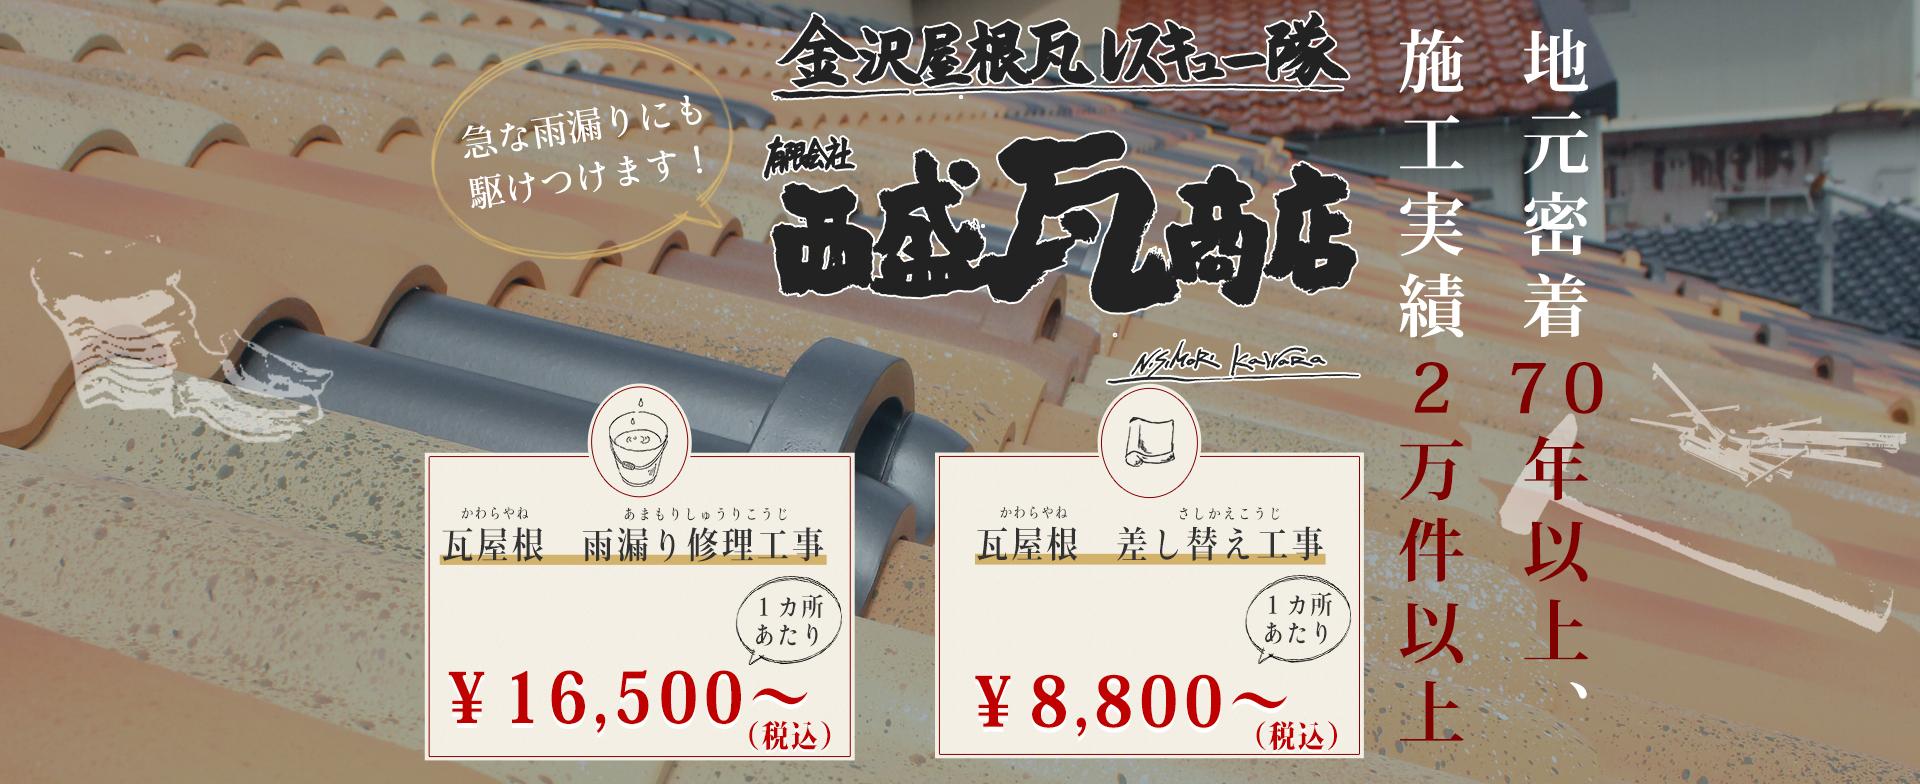 金沢の屋根瓦レスキュー